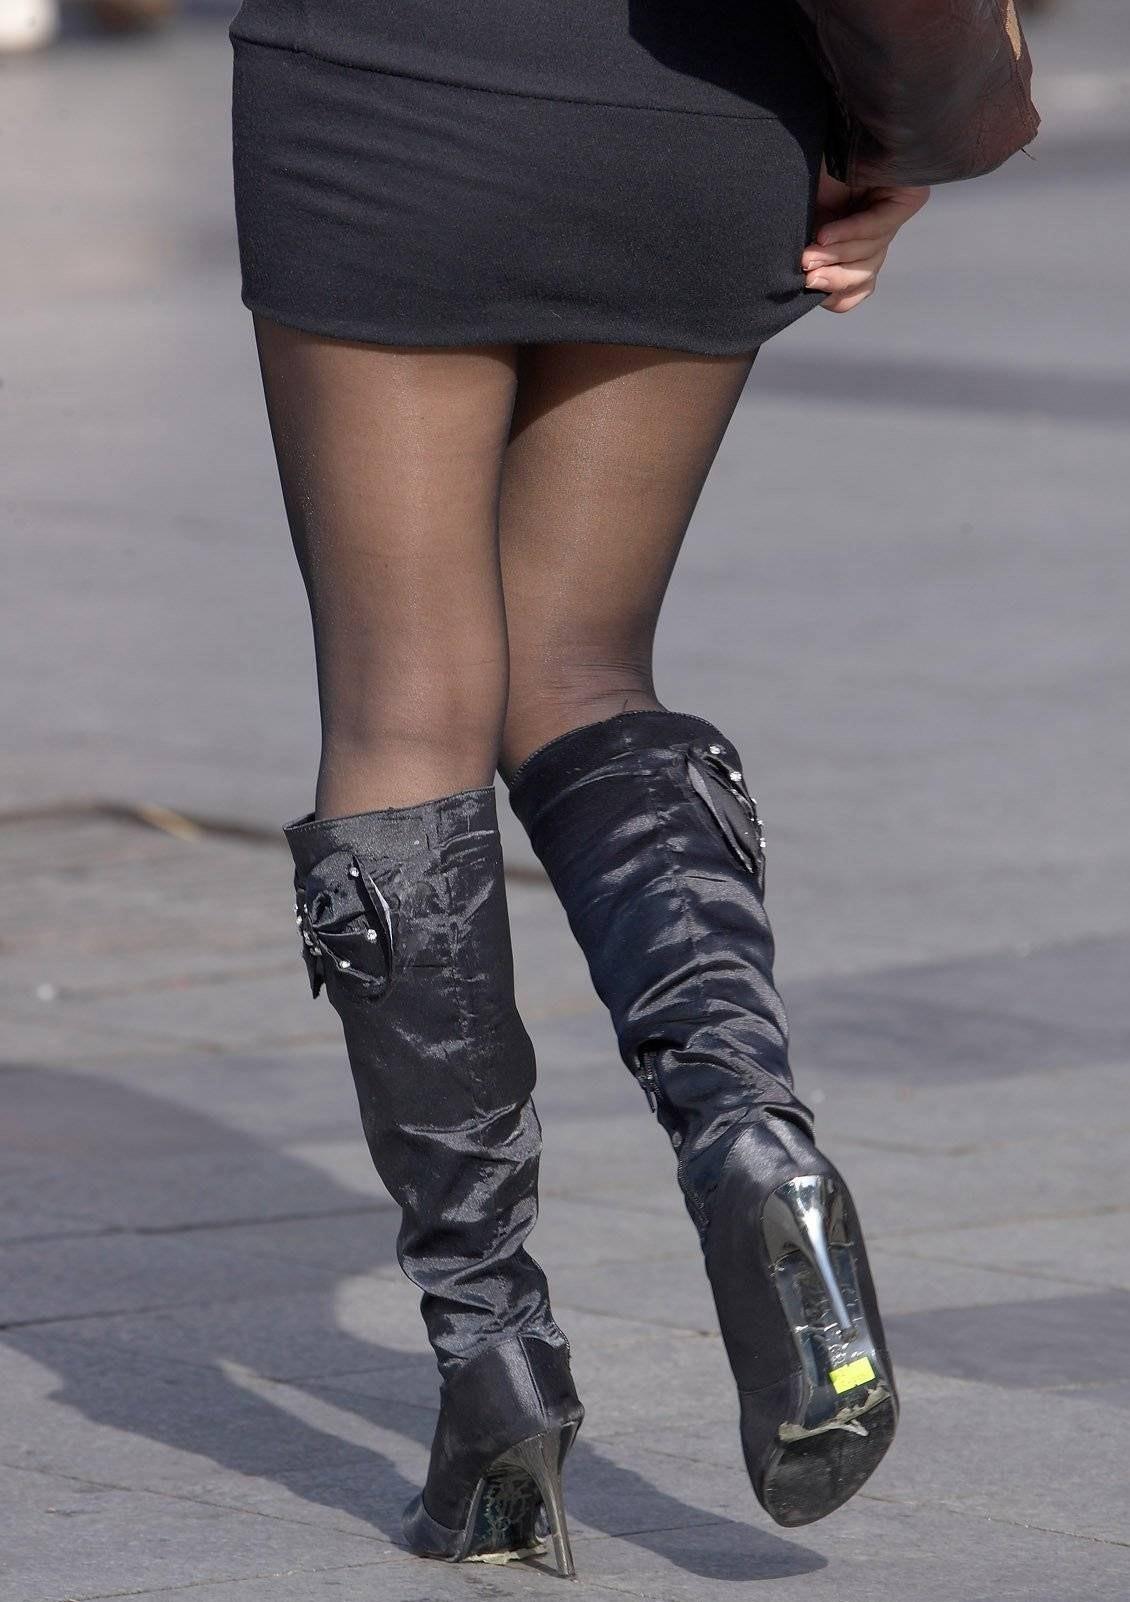 【パンチラエロ画像】無駄行動の人もいるwスカート抑えてパンチラ対策www 11